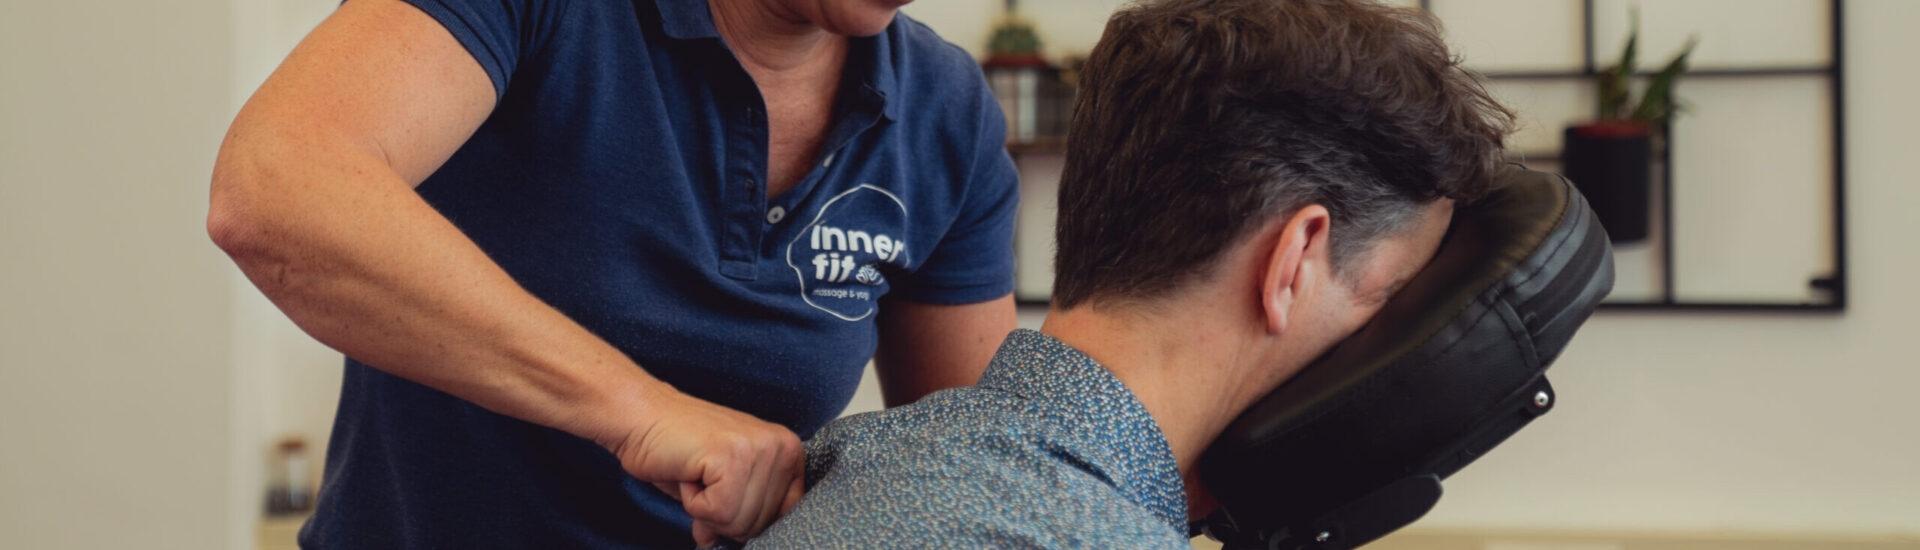 Stoelmassage voor bedrijven